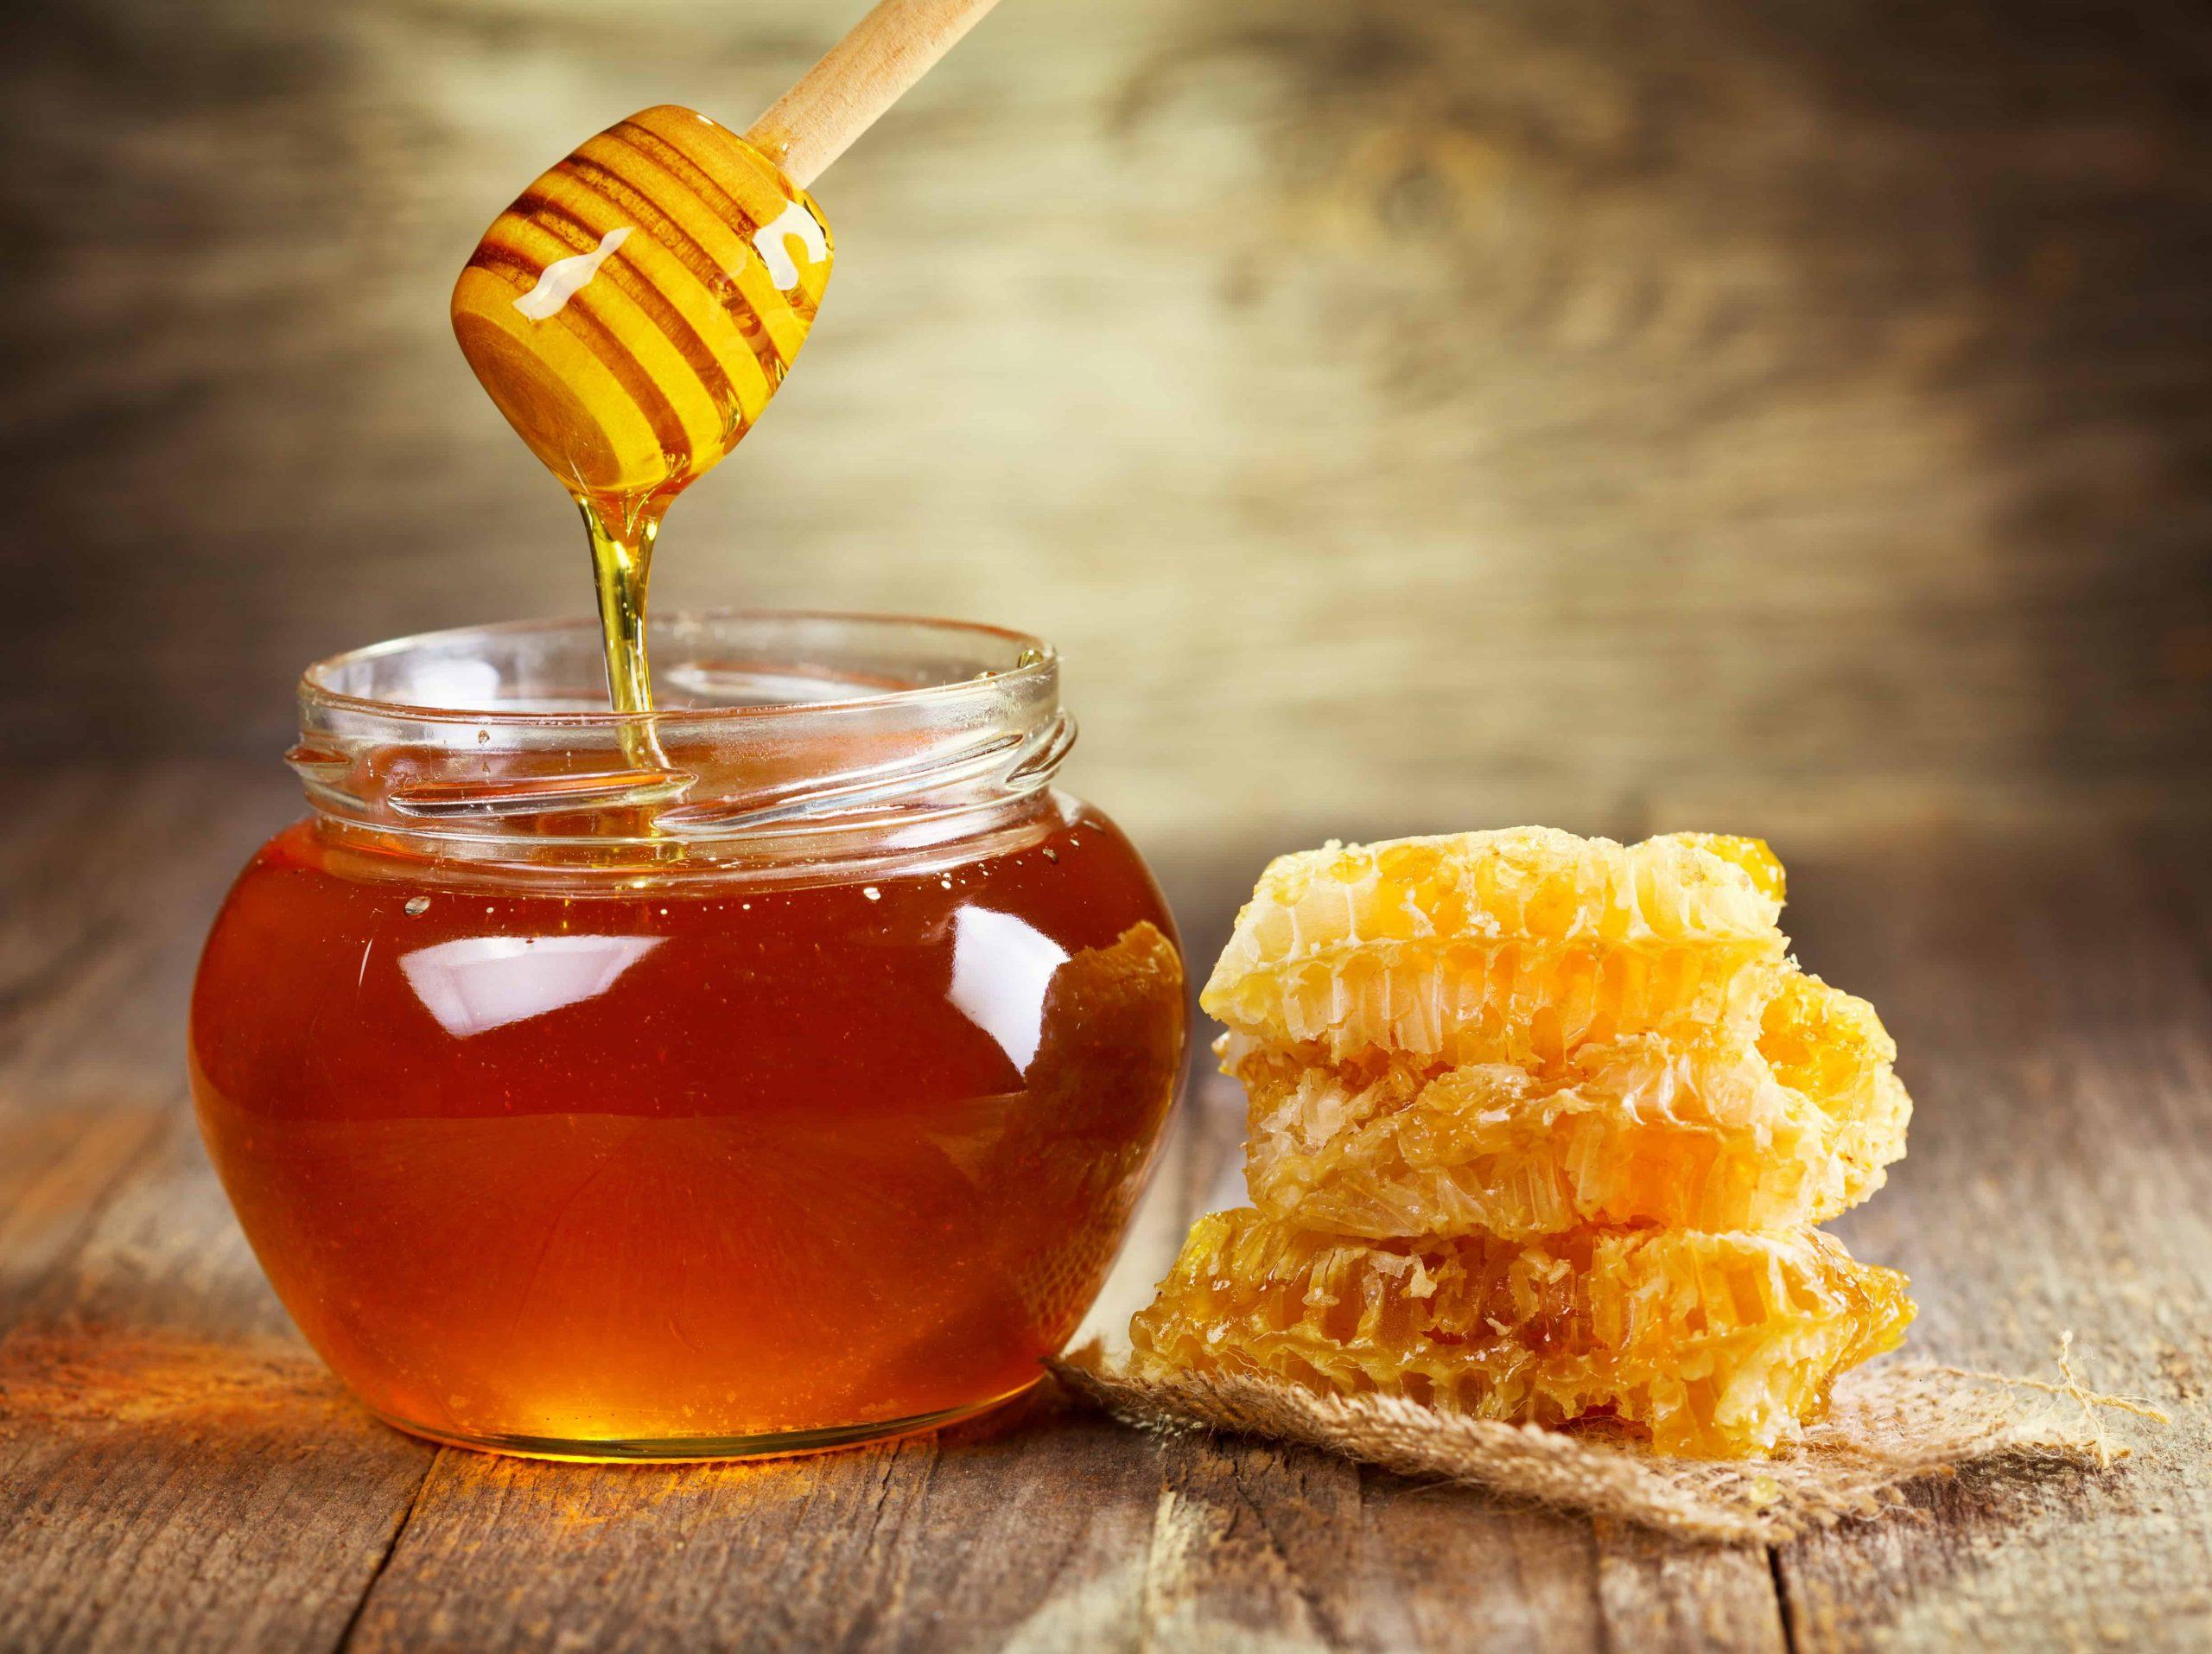 Ist Honig gesund? Fakten und Wirkungsweisen